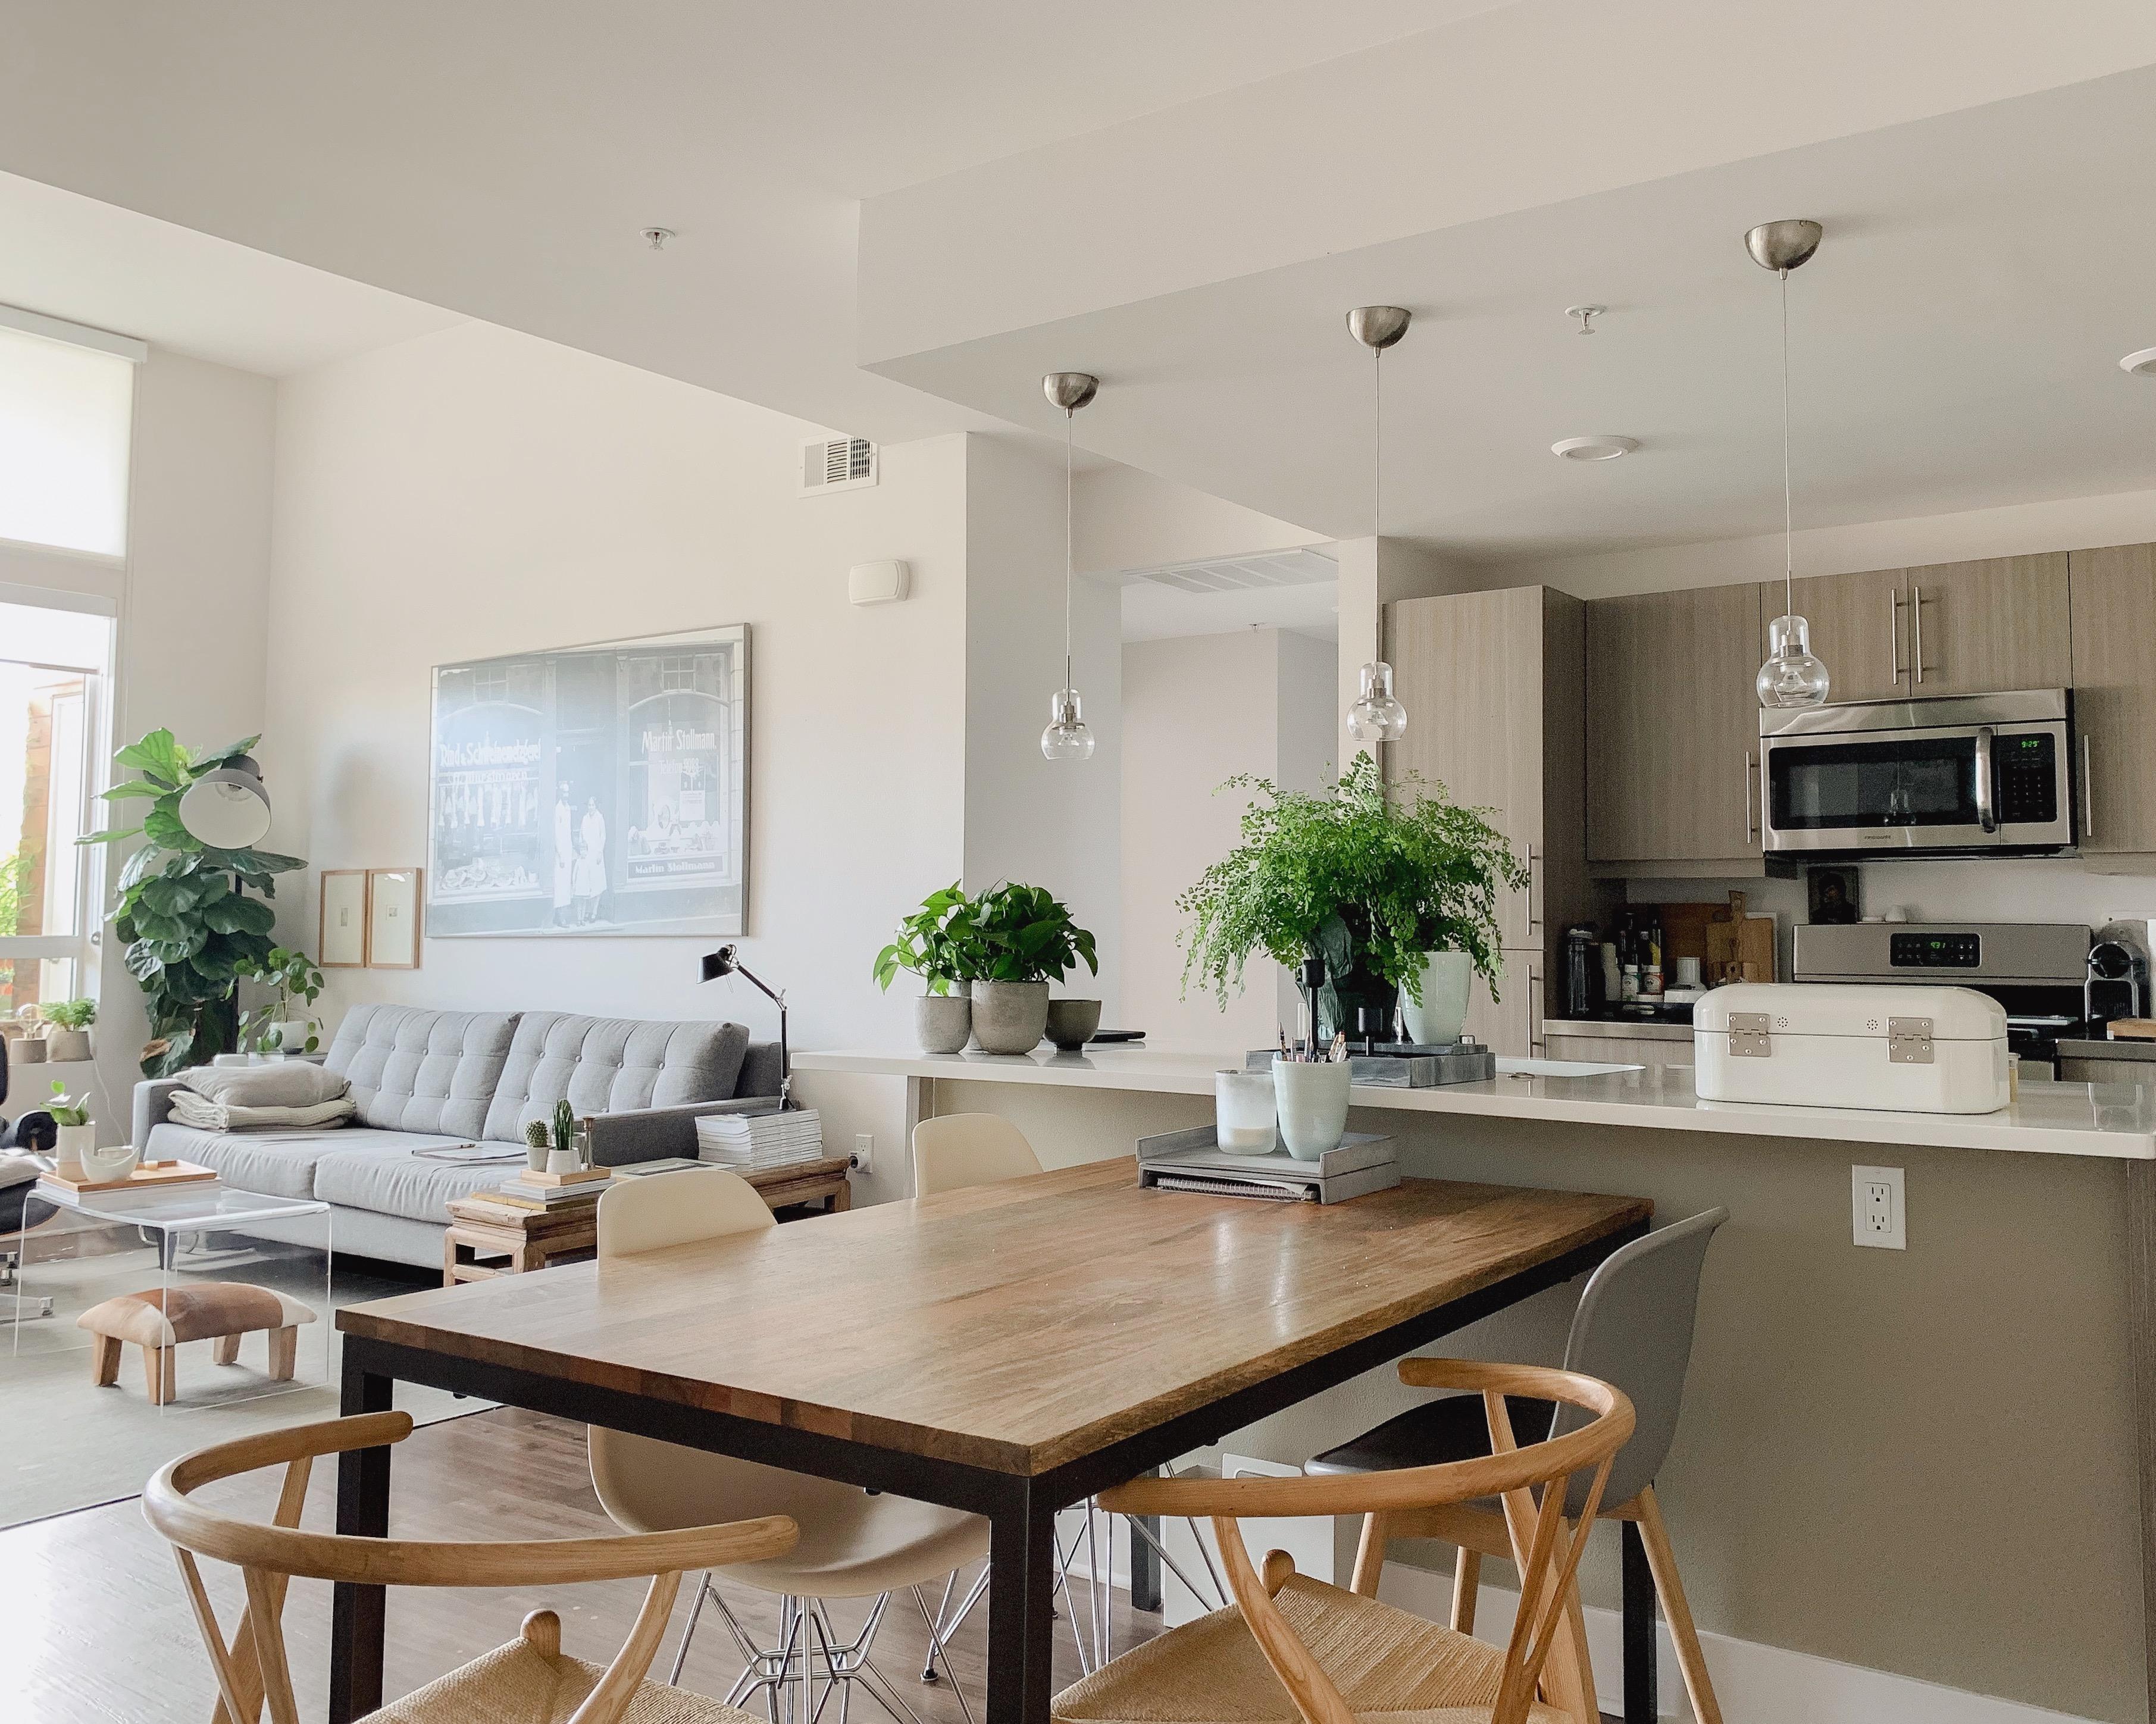 Offene Küche Wohnzimmer Ideen Luxus Fene Küche Mit ...